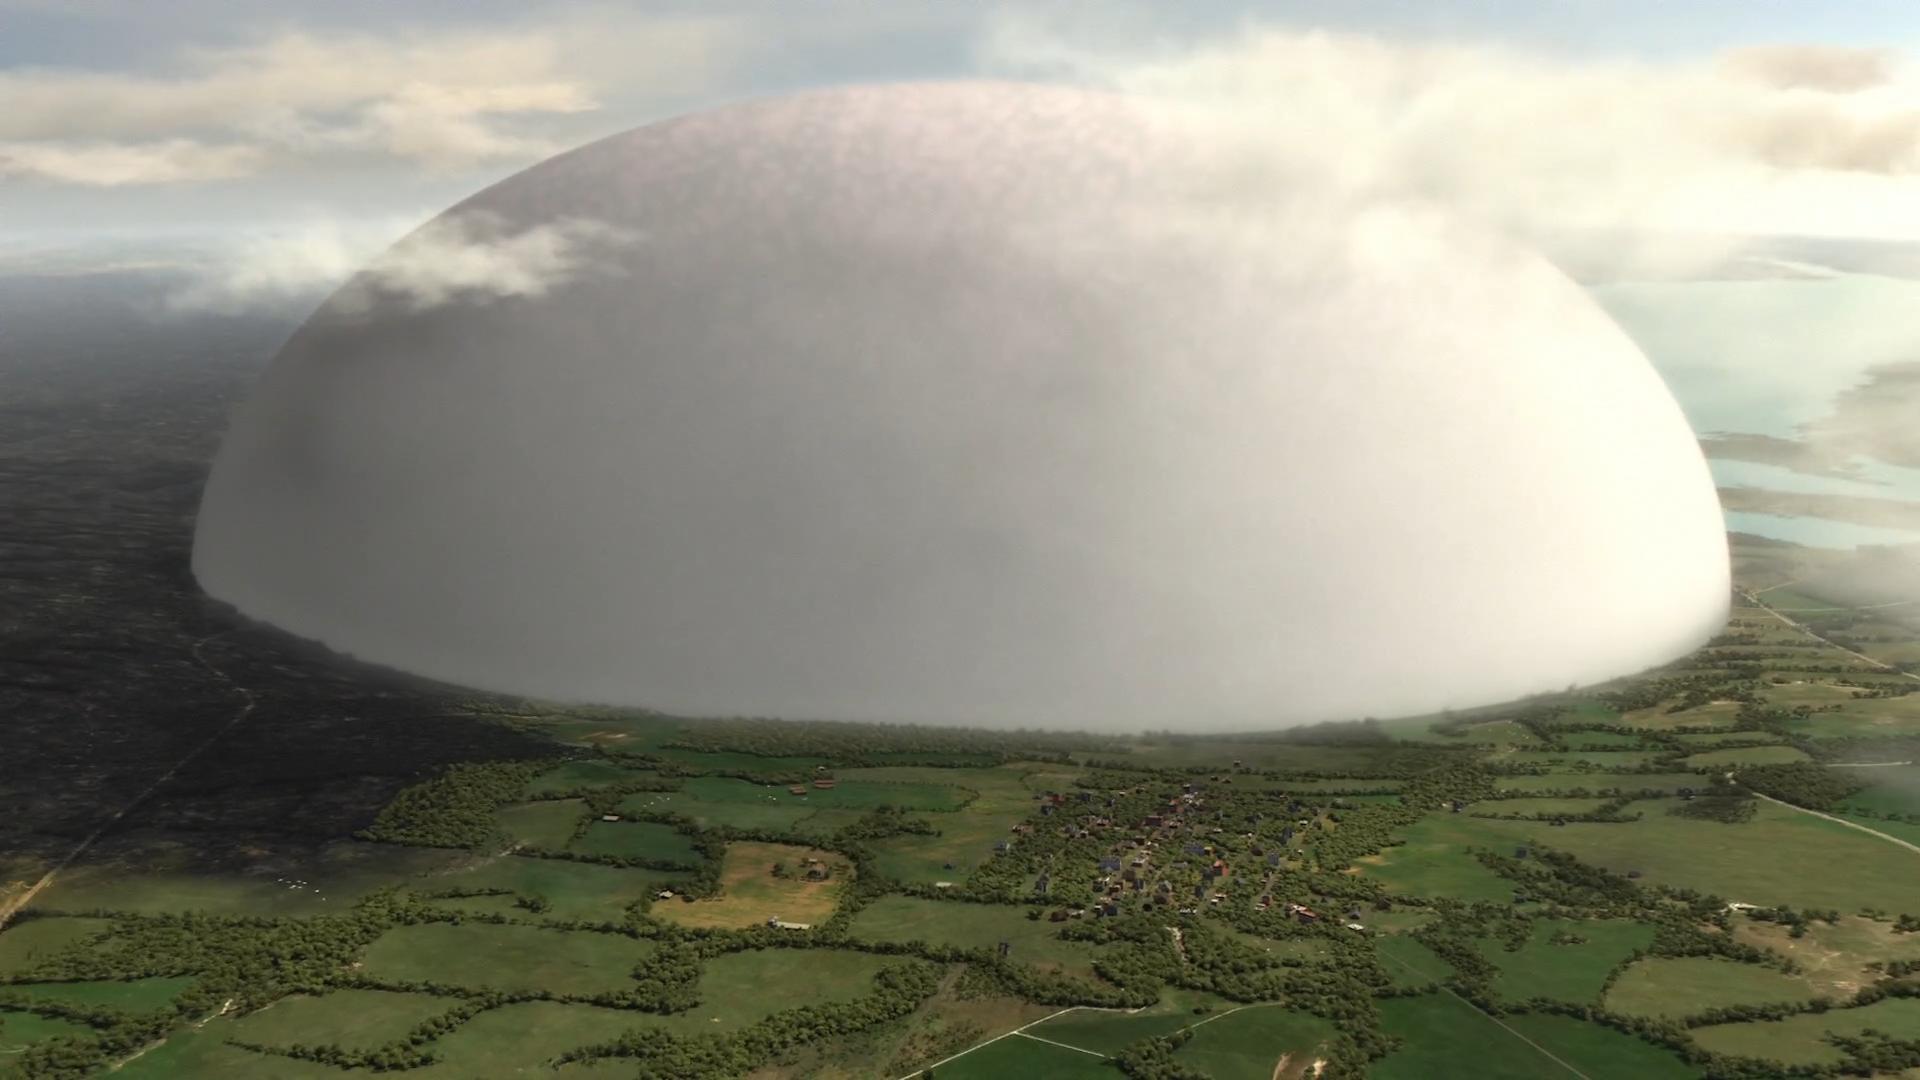 《穹顶之下》:有关雾霾与我们的17条常识-PingWest 品玩